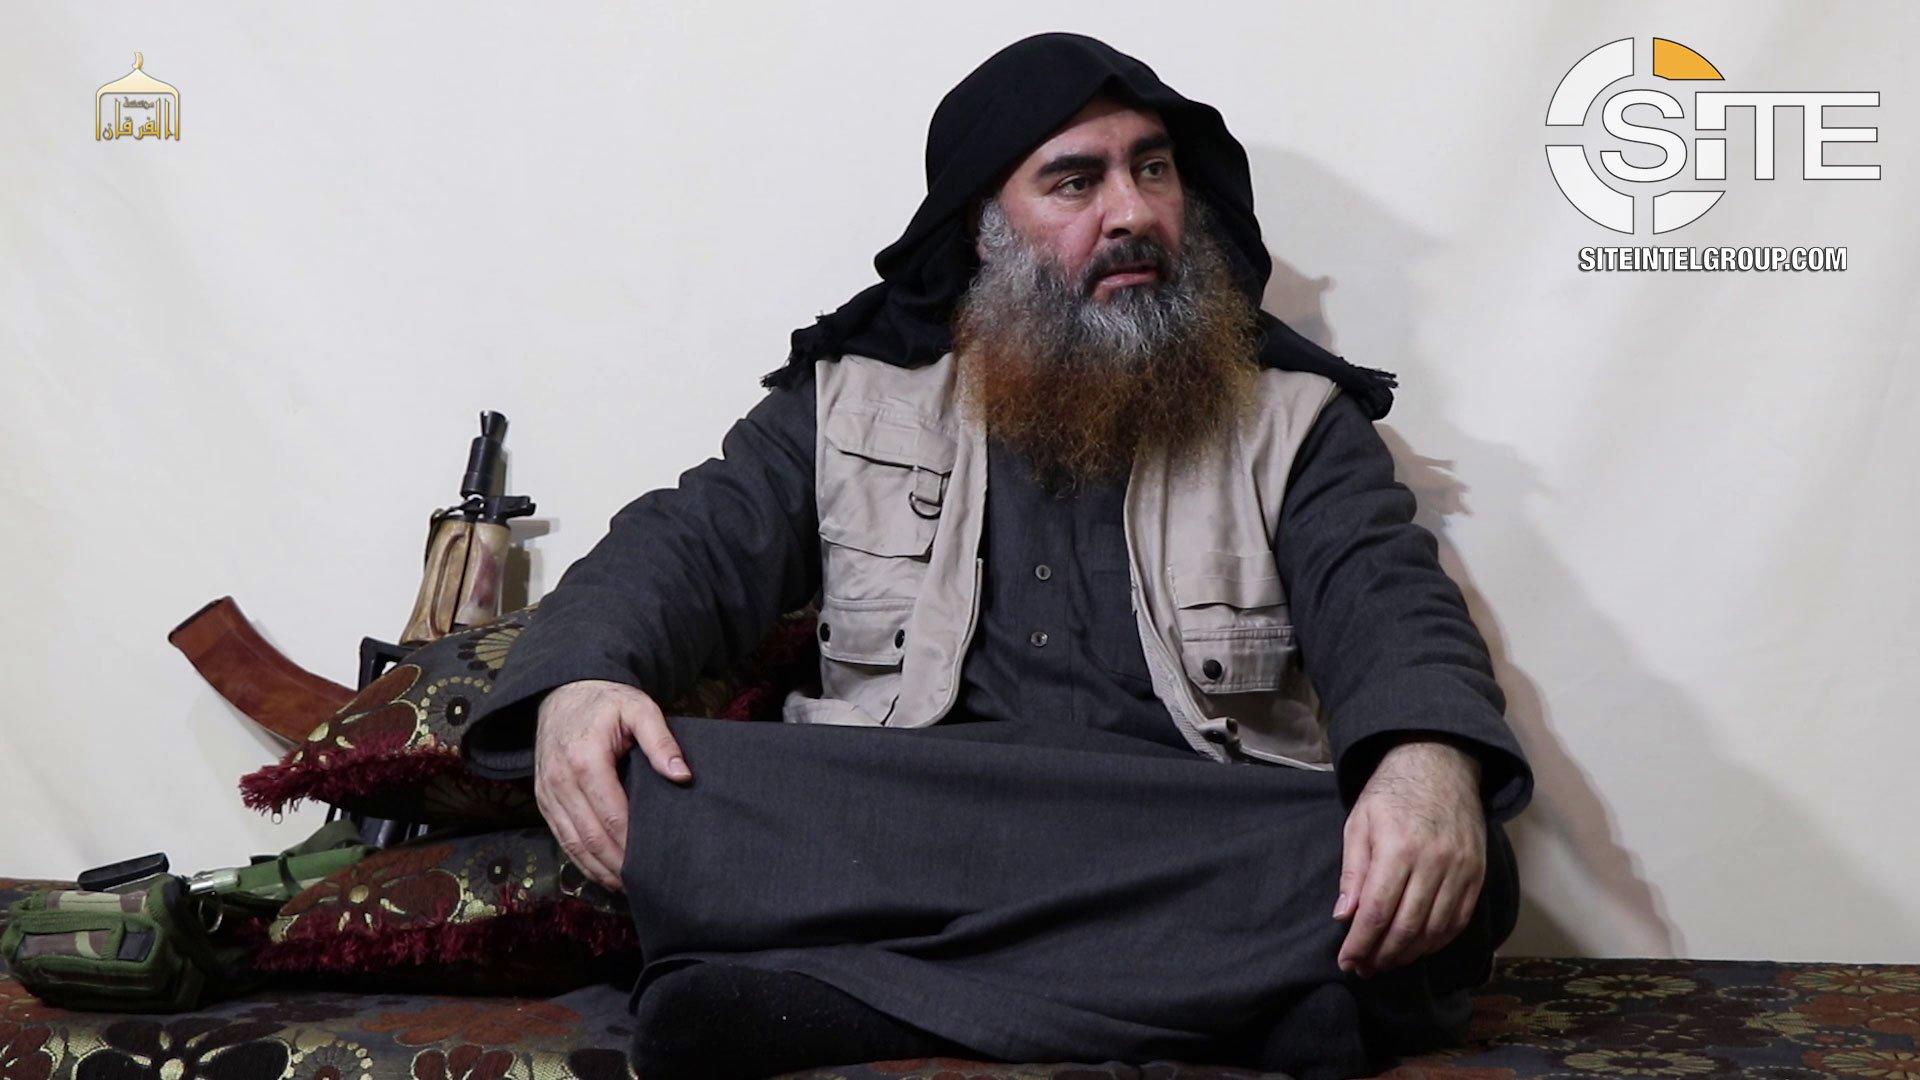 Работа идет на разных фронтах ежедневно, – главарь ИГИЛ